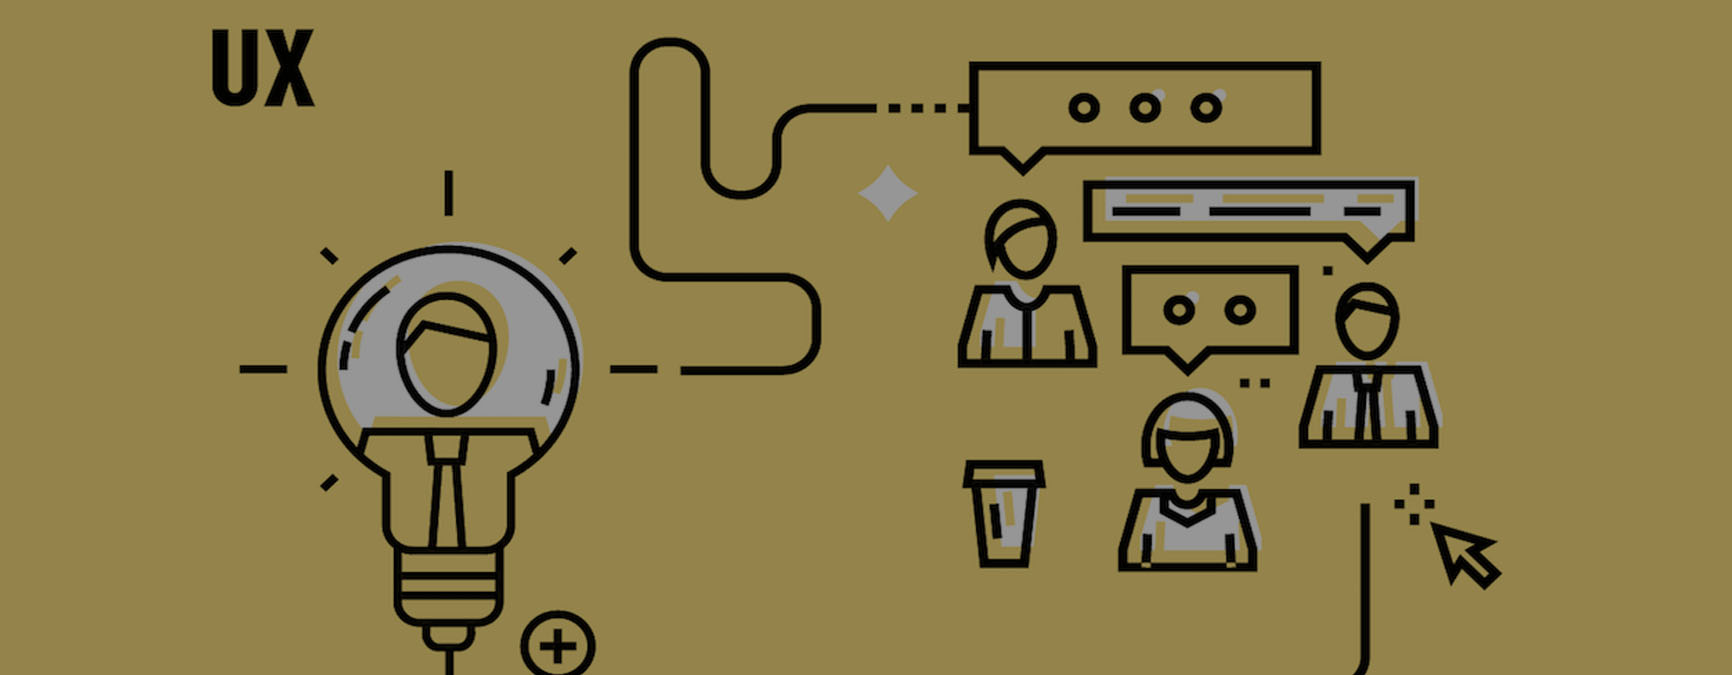 چرا سرمایه گذاری در طراحی تجربه کاربری مهم است؟